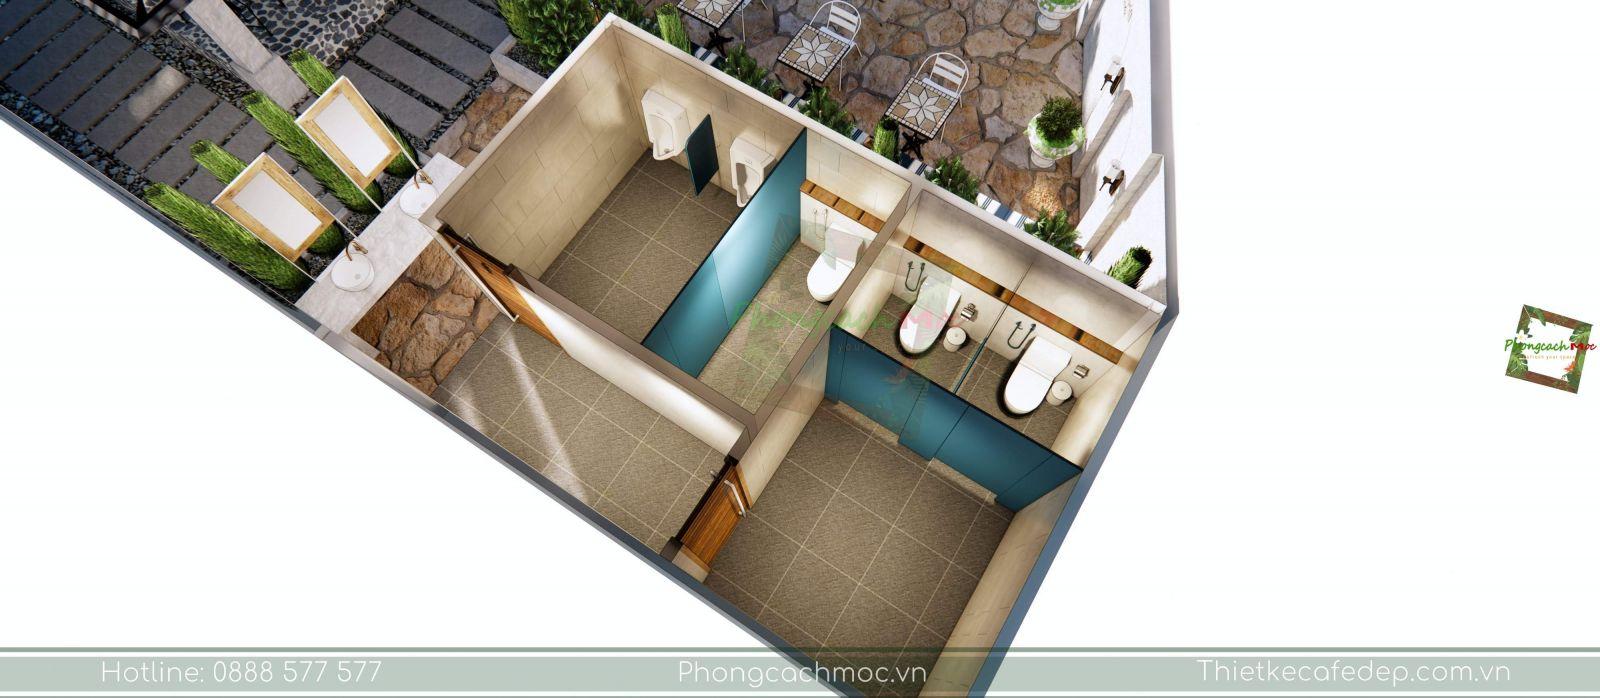 thiết kế quán cafe khu vực nhà vệ sinh